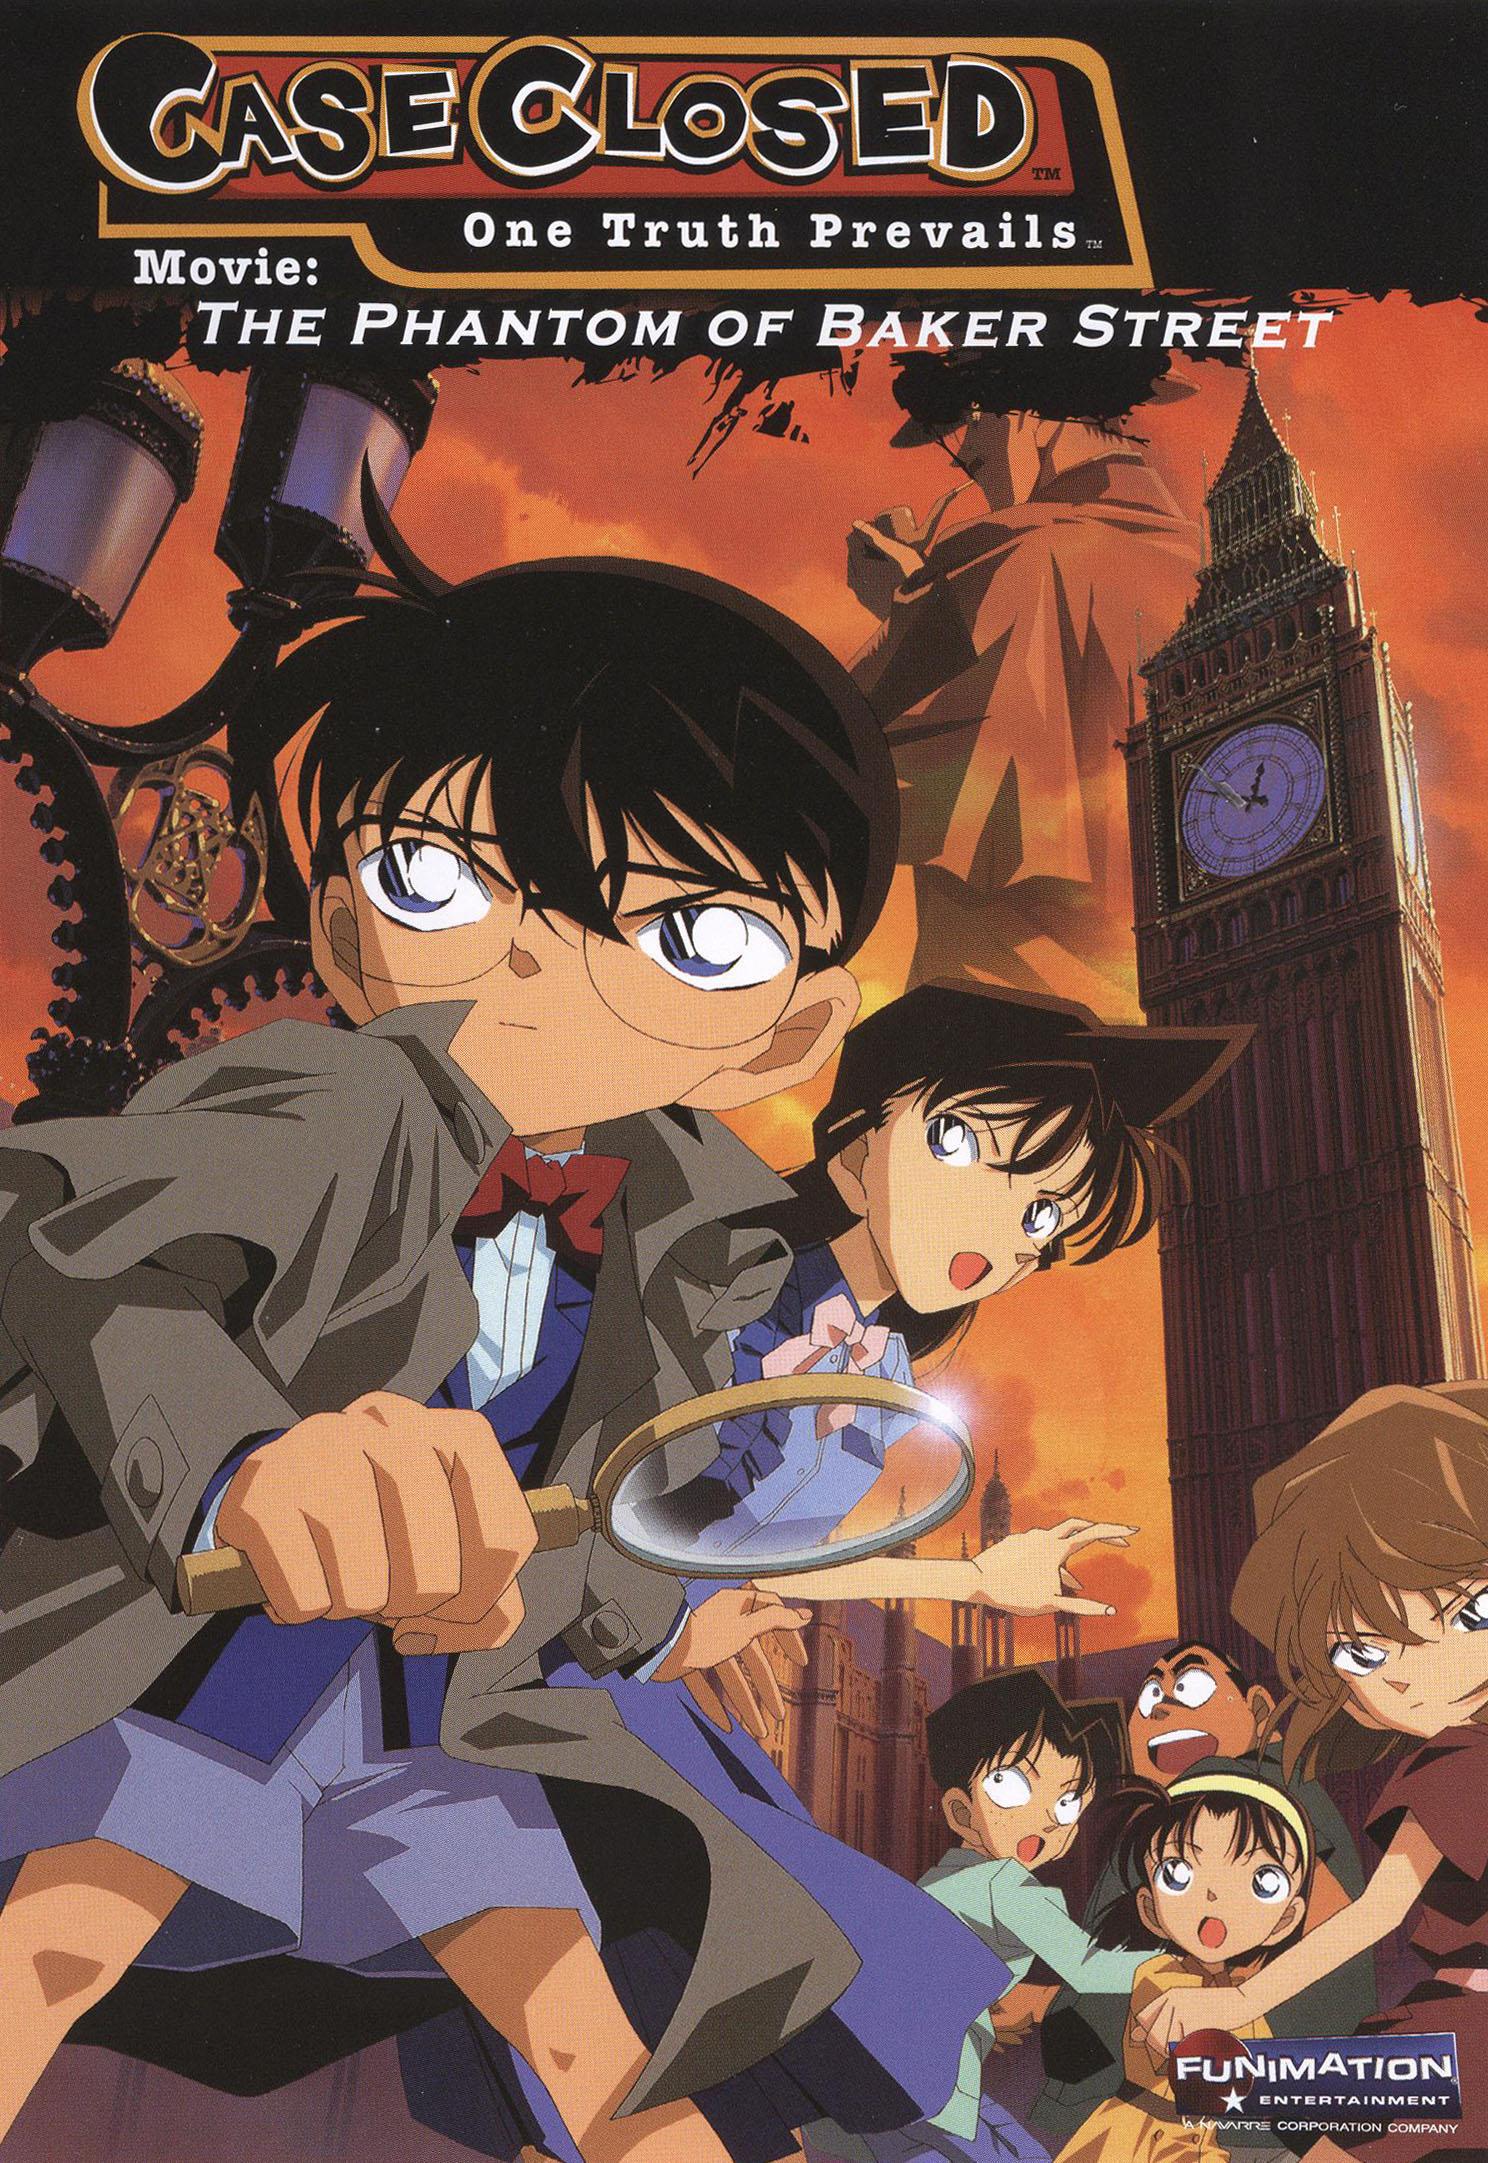 Case Closed: The Phantom of Baker Street (2008)